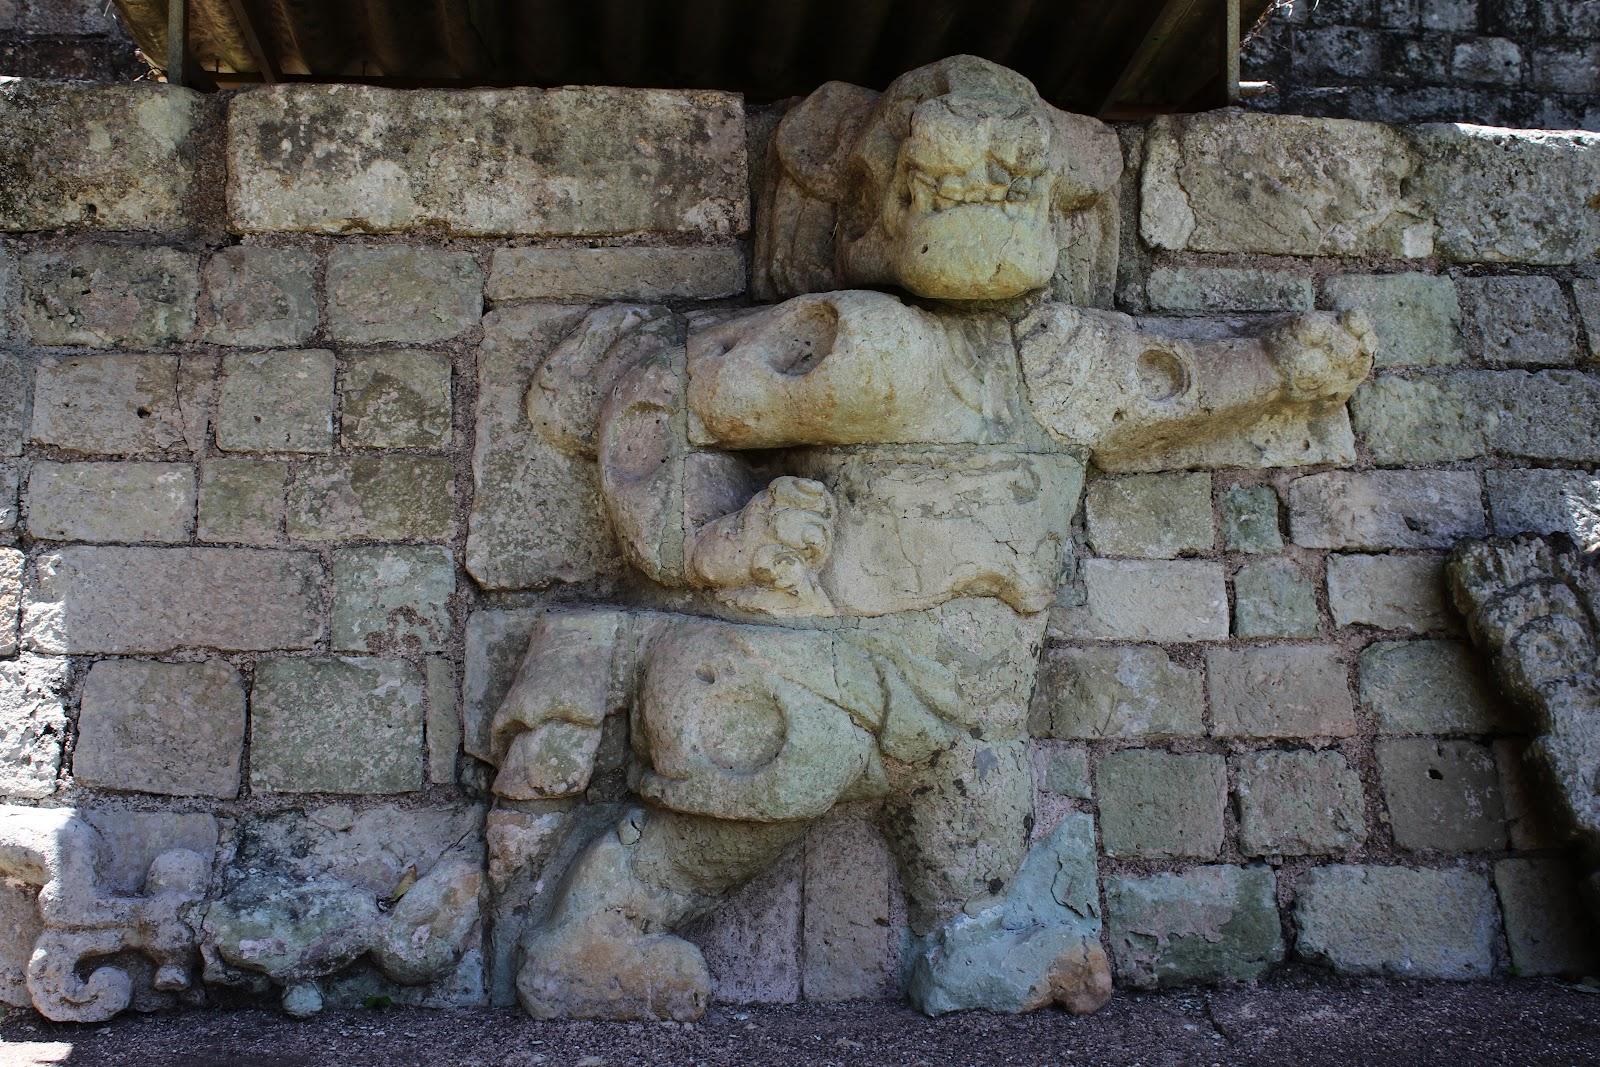 Visitar COPÁN - O culminar da Rota dos Maias numa das suas maiores jóias | Honduras